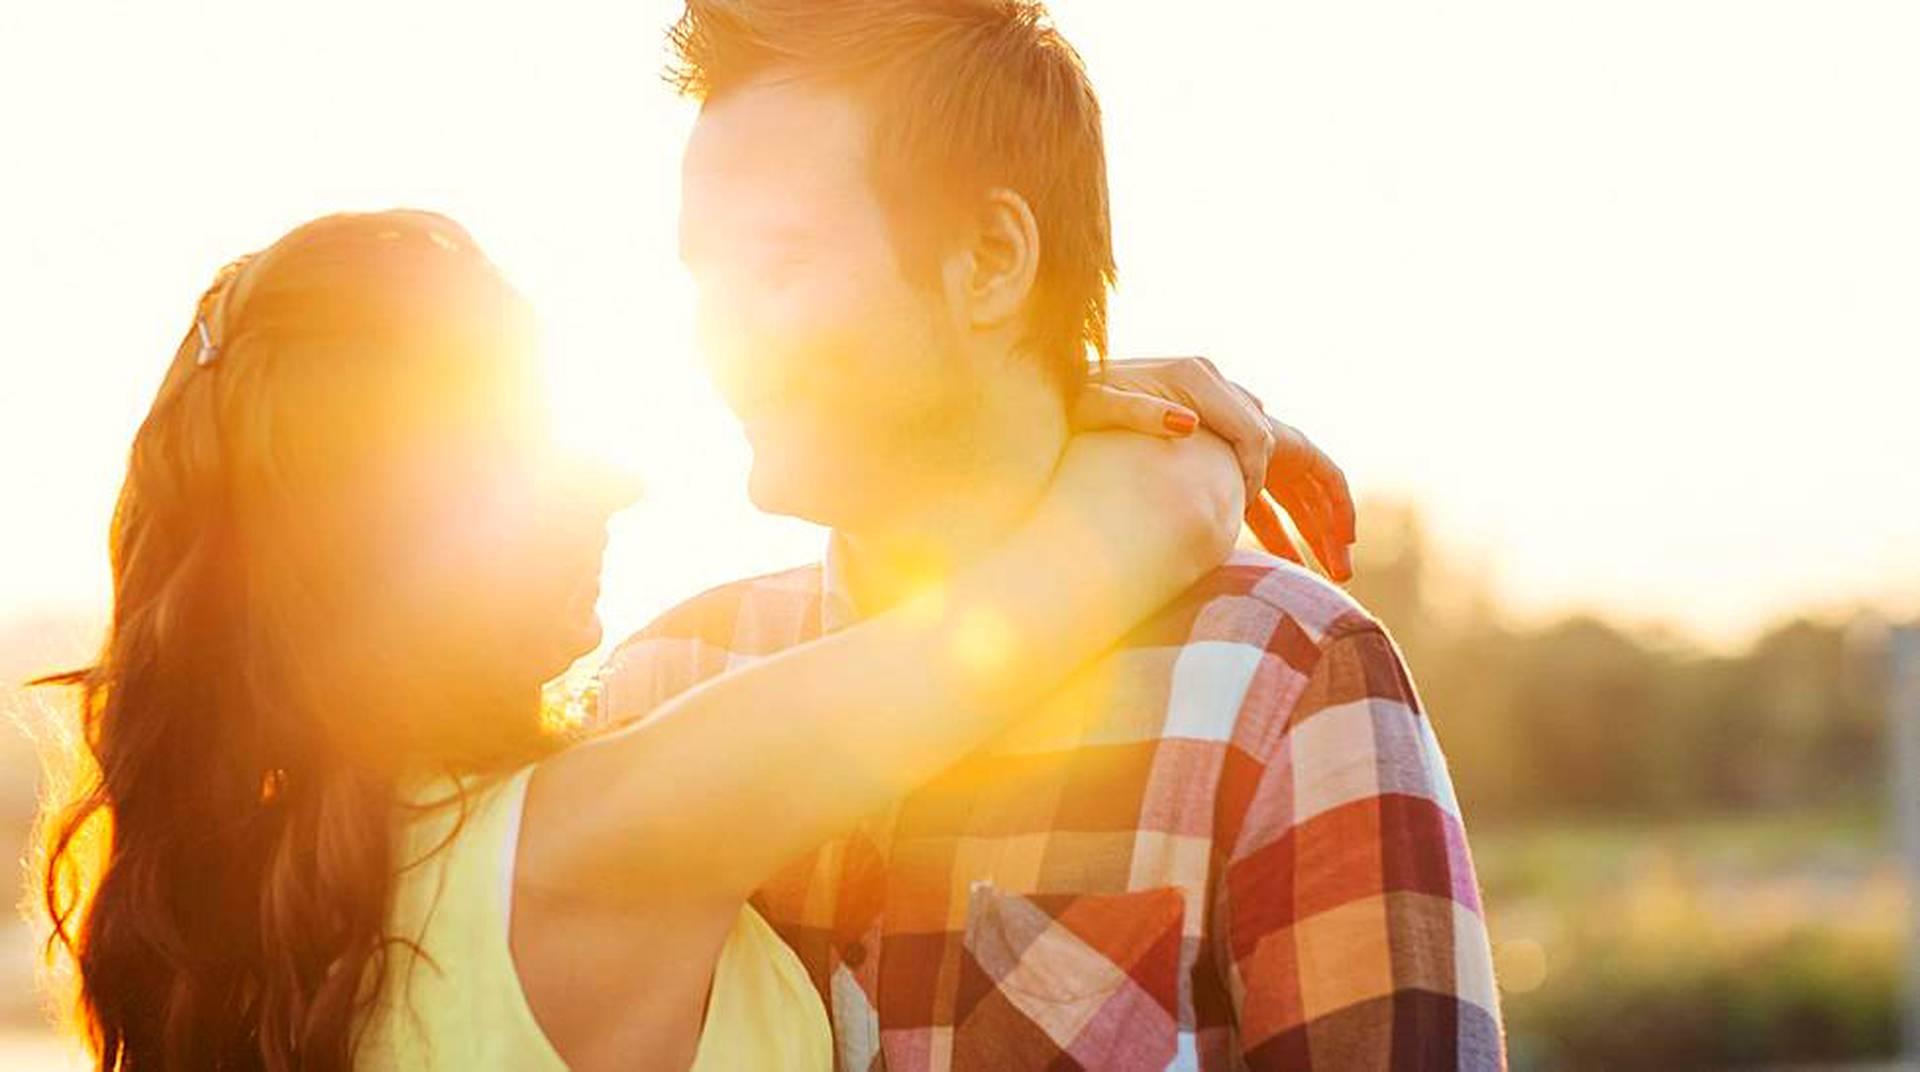 Kuinka kauan sinun pitäisi seurustella suudella